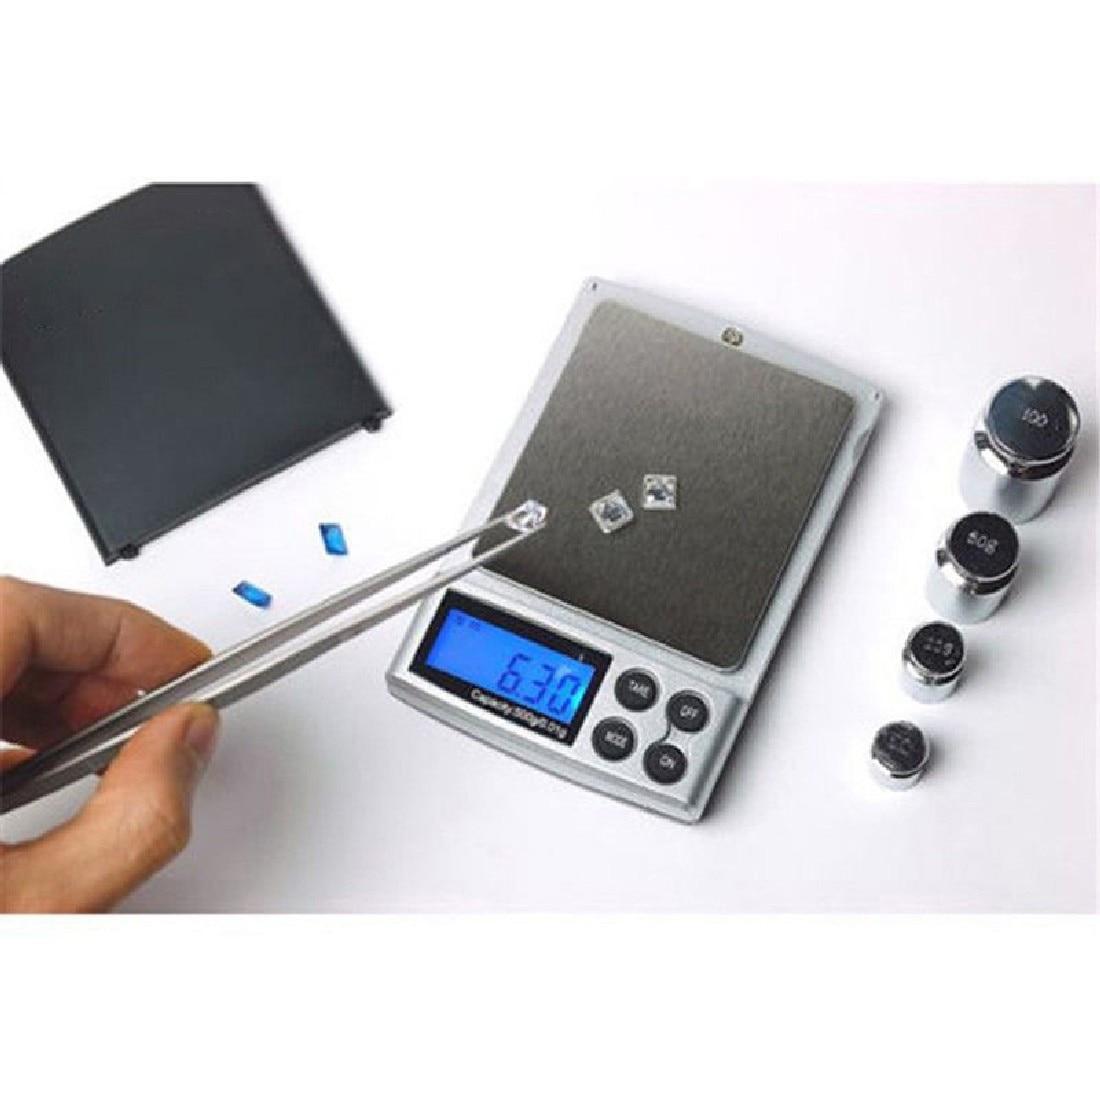 1vnt 500g x 0,01g skaitmeninės tikslios skalės aukso sidabro - Matavimo prietaisai - Nuotrauka 2